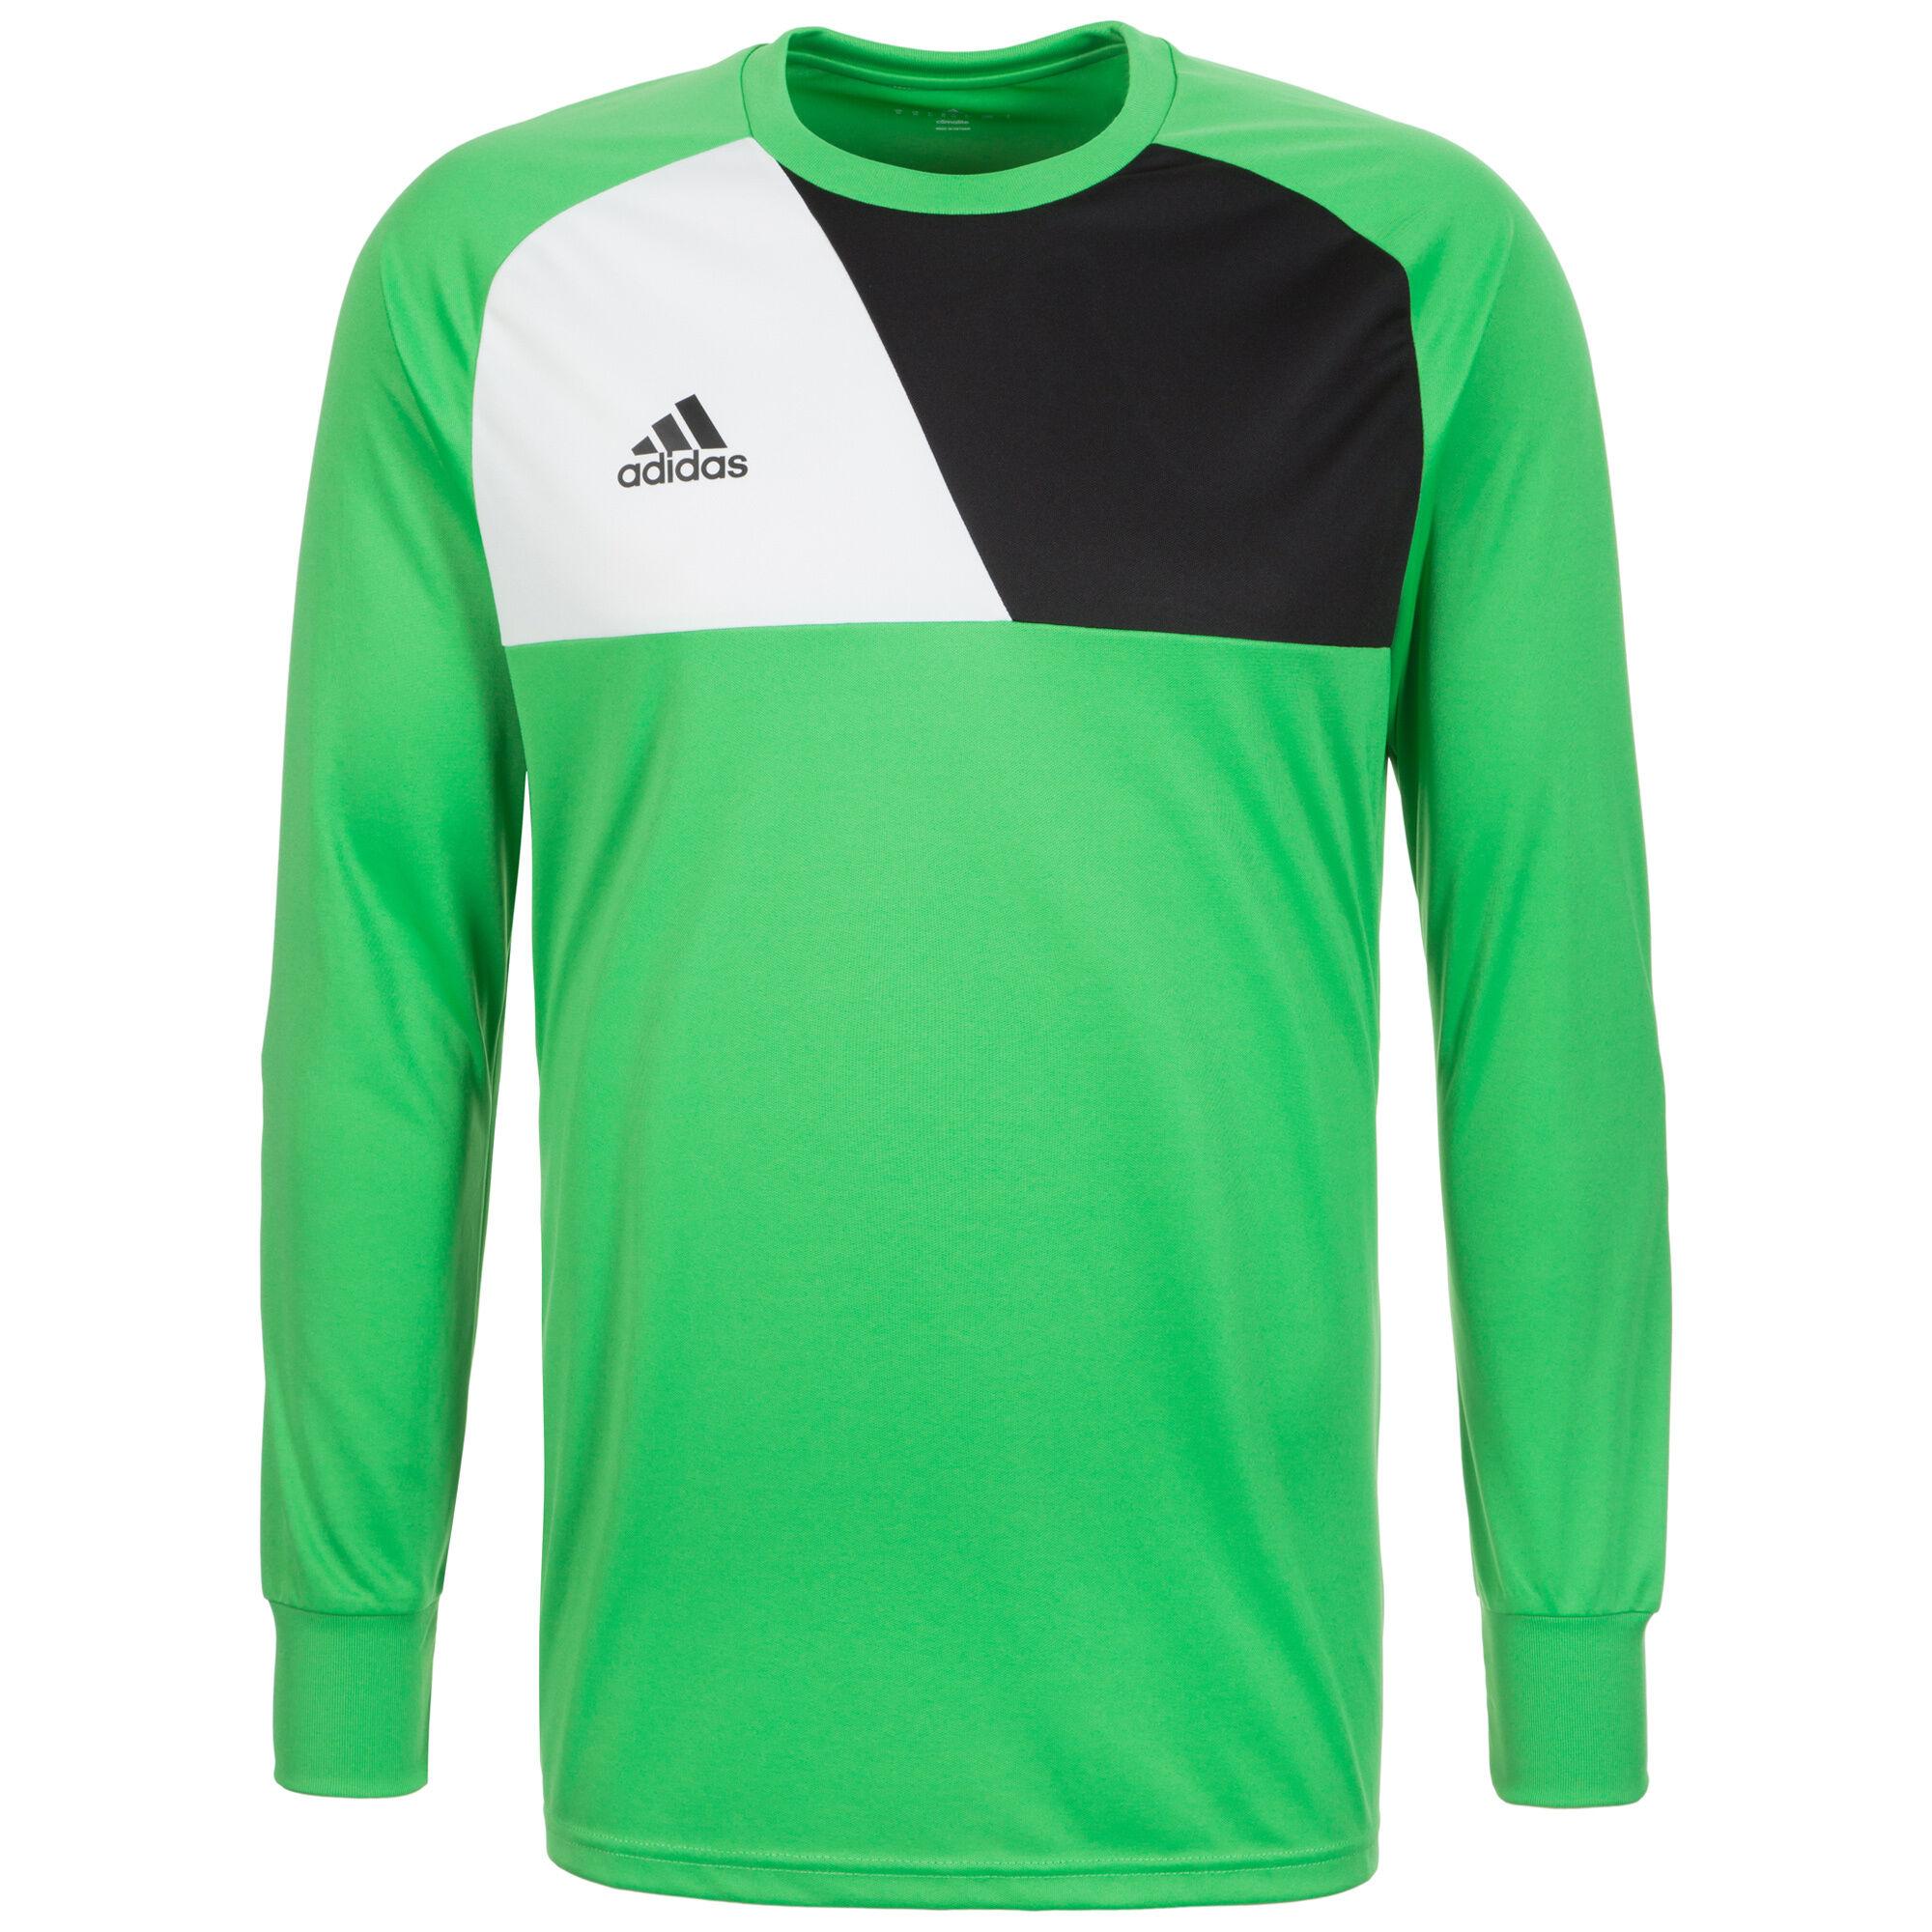 Details zu adidas Assita 17 langarm Shirt Kids Blau Weiss